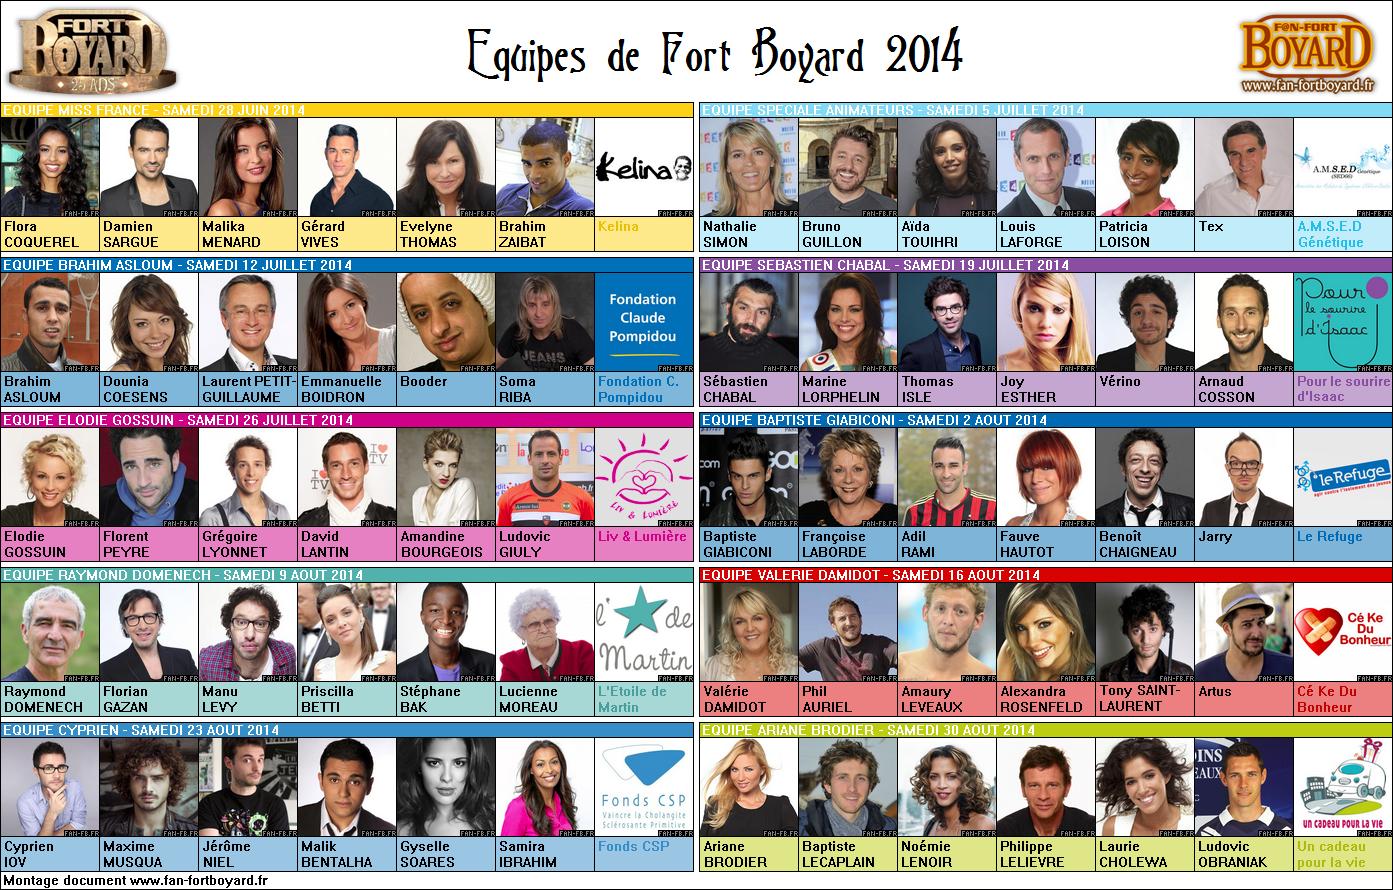 Fort Boyard 2014 - Les 10 équipes de la 25e saison